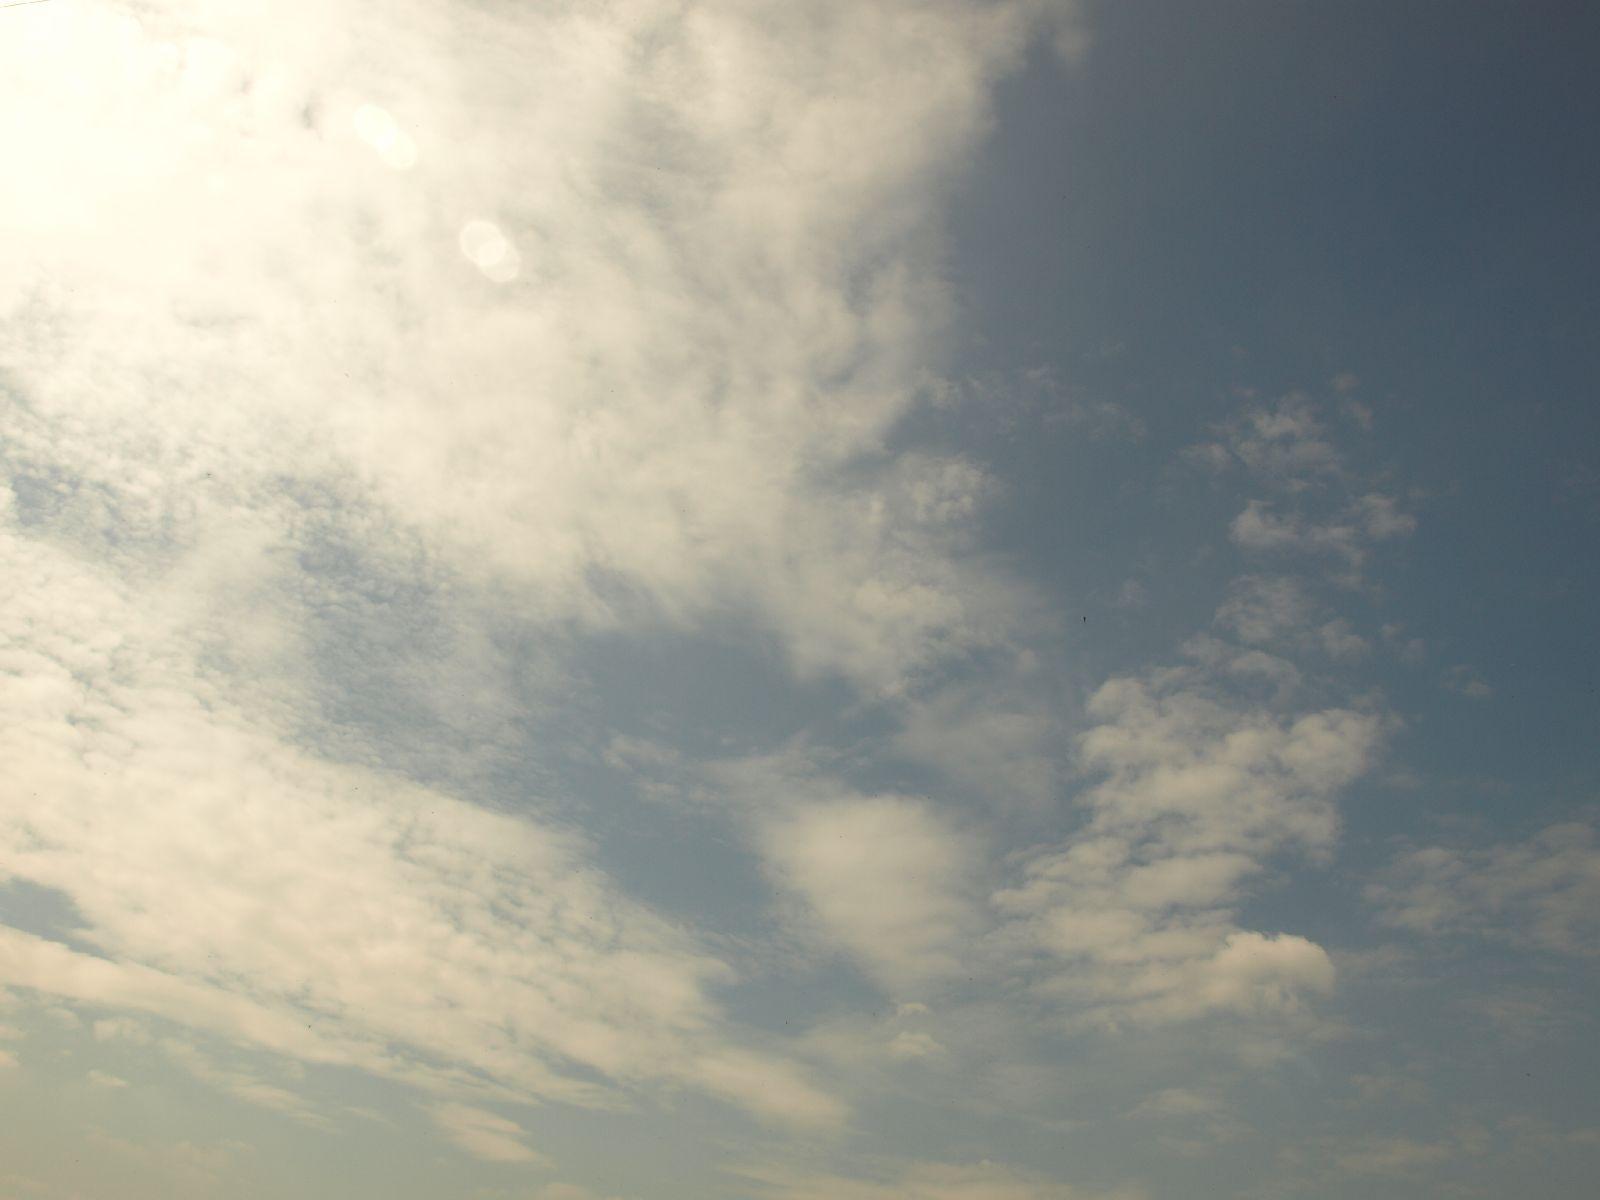 Himmel-Wolken-Foto_Textur_A_P4302890